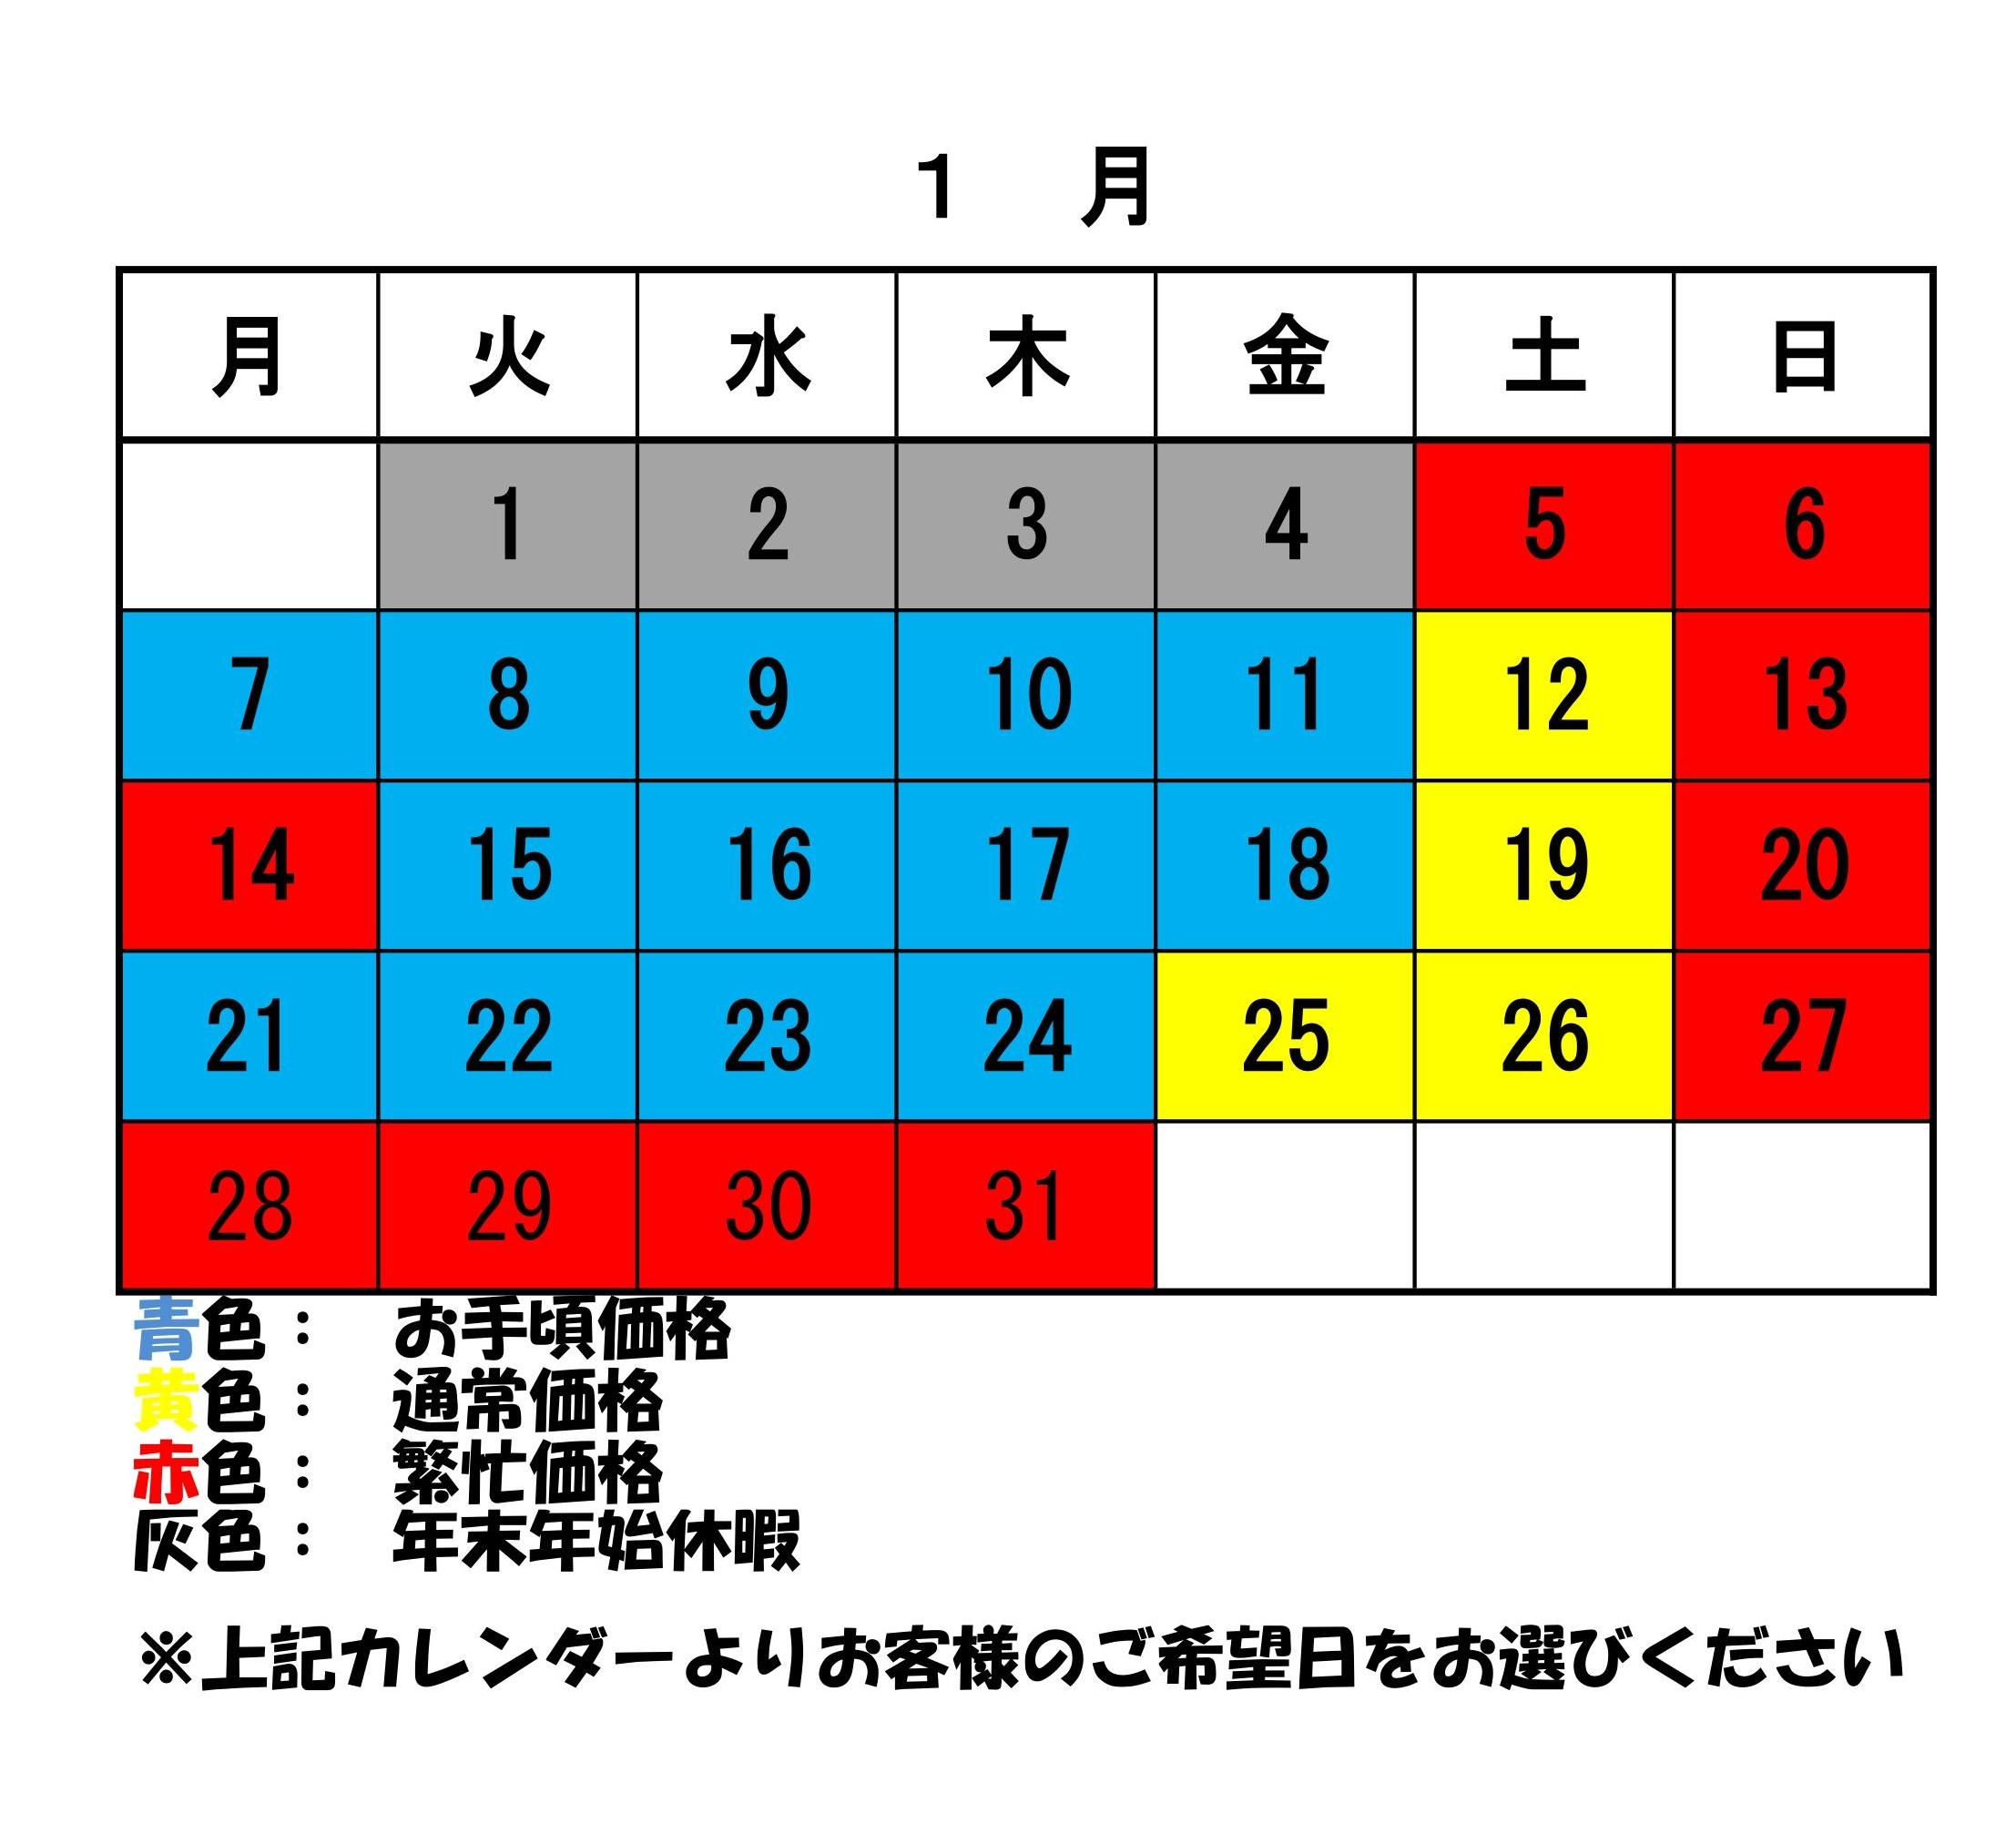 https://www.ikedapiano.co.jp/201901.jpg